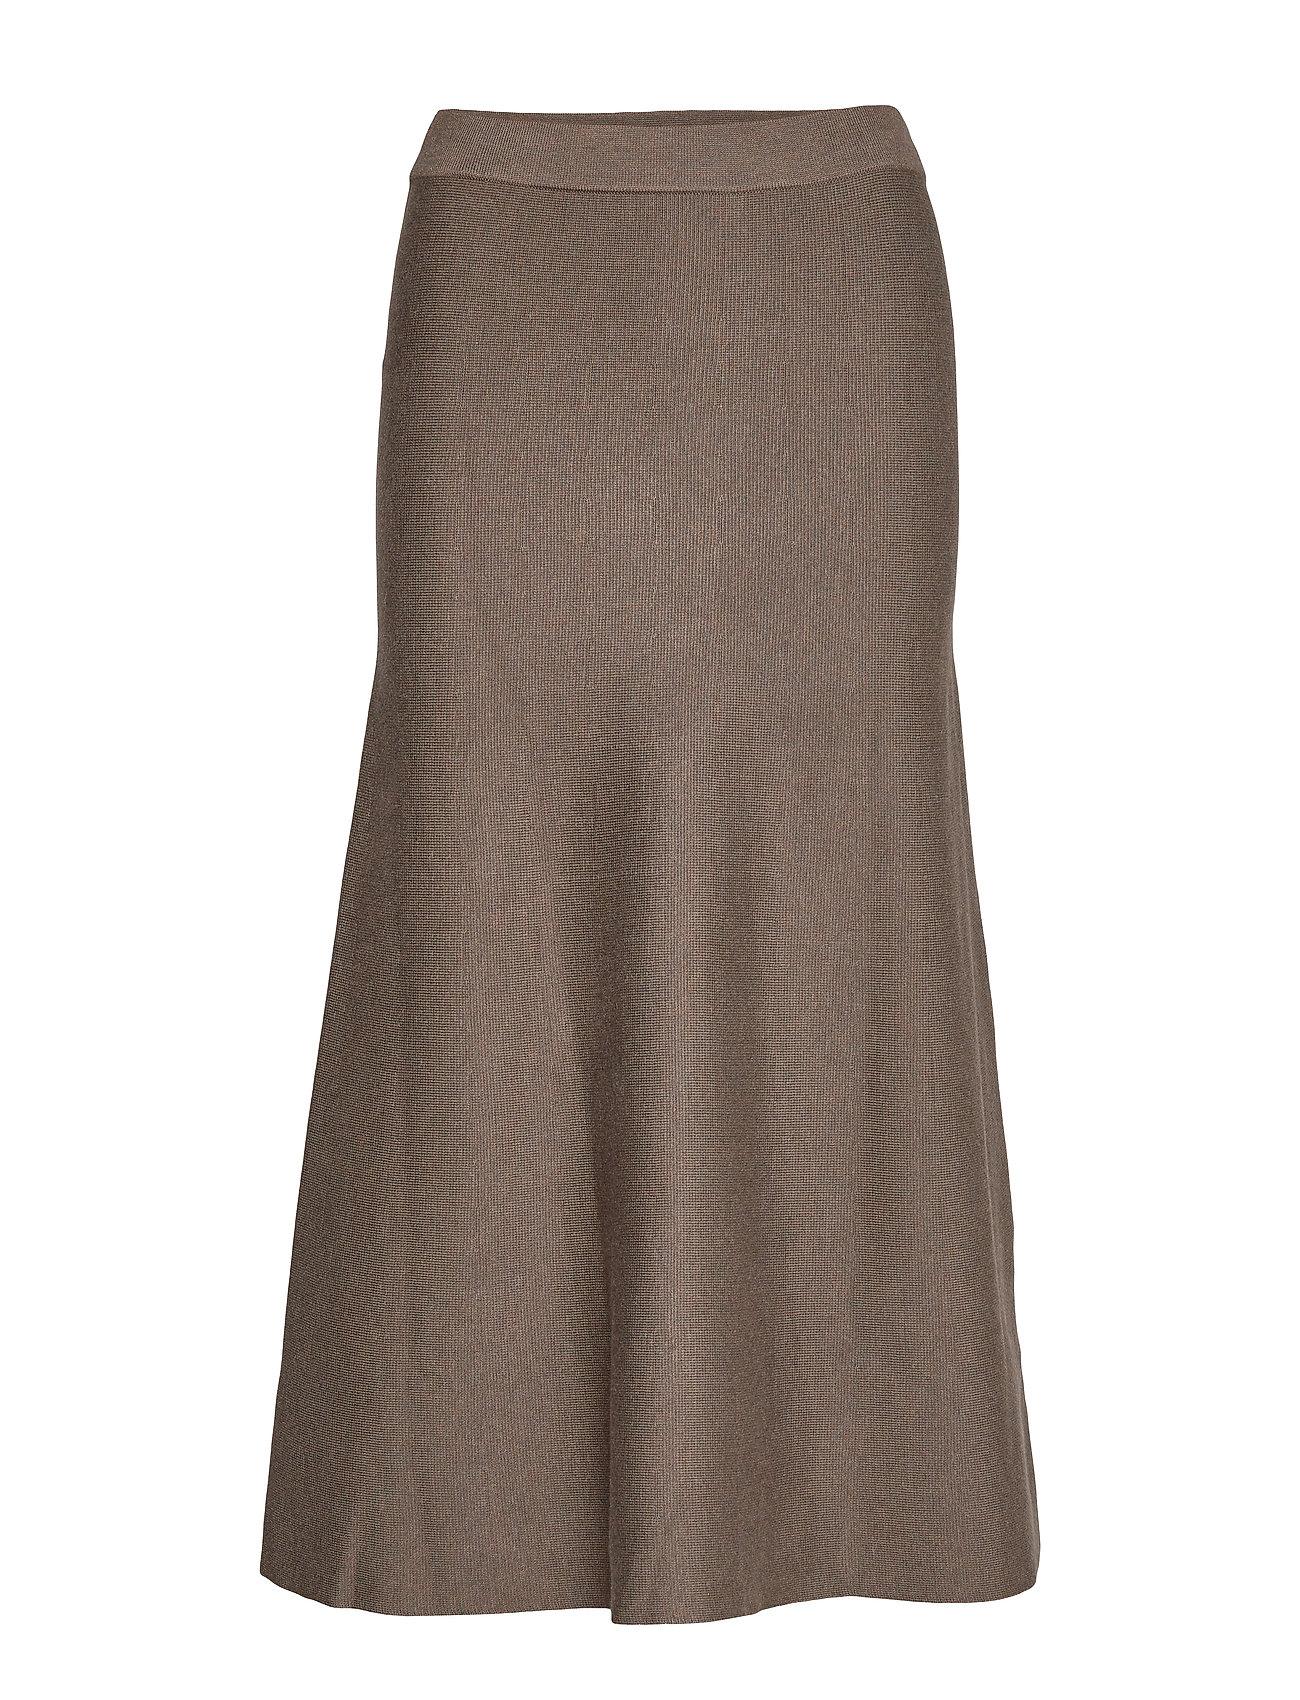 Soft Rebels Henrietta Long Skirt - PARTRIDGE